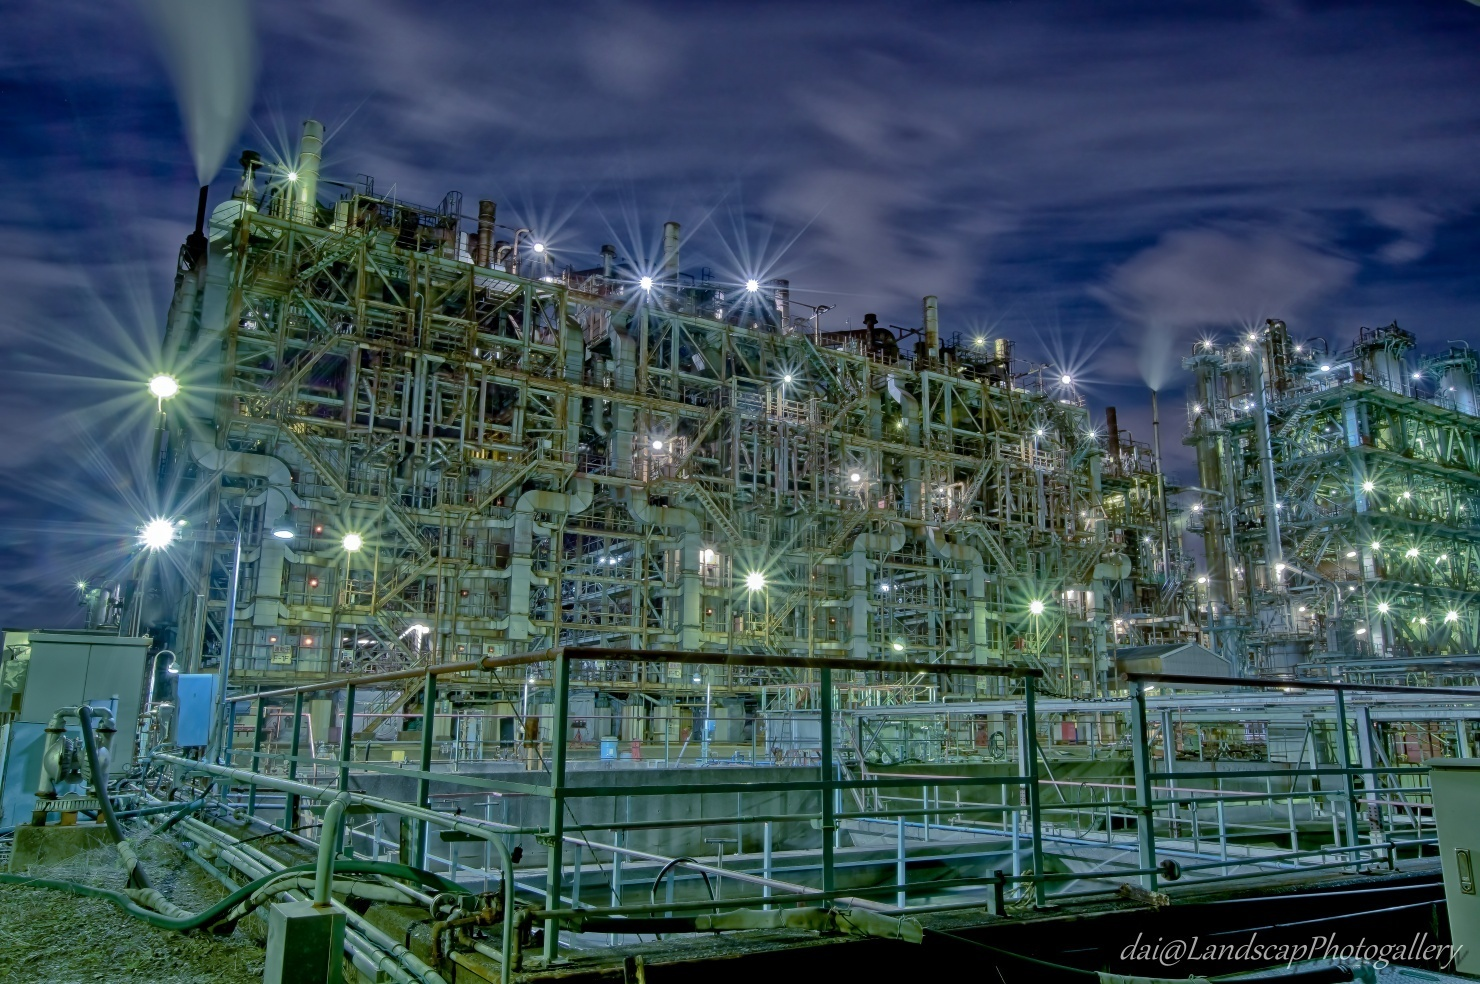 川崎浮島町工場夜景【HDRi】